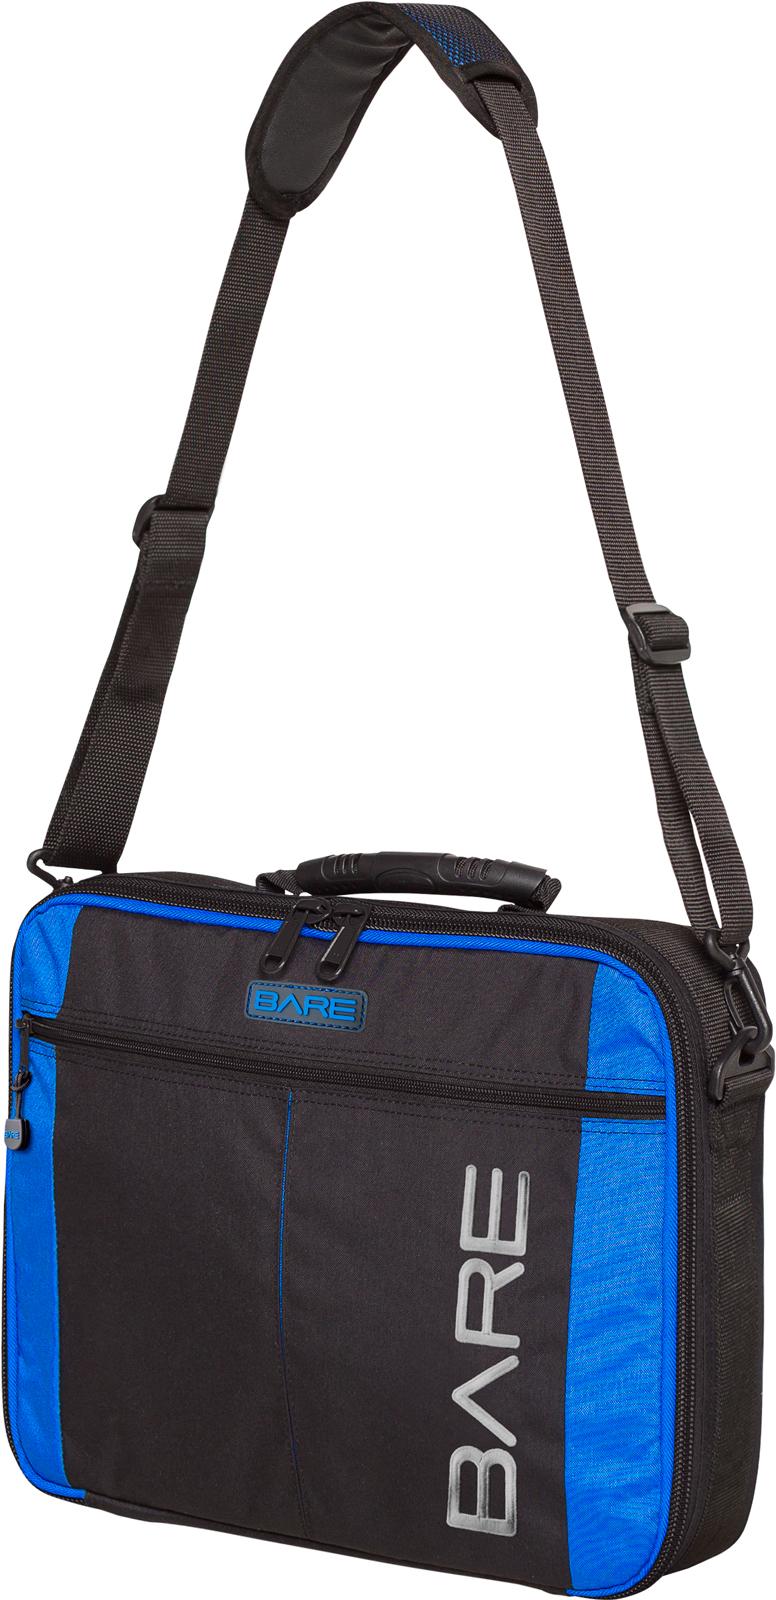 bare sports regulator bag 30 10 40 cm 0 16 m3 0 77 kg aquashoppen. Black Bedroom Furniture Sets. Home Design Ideas